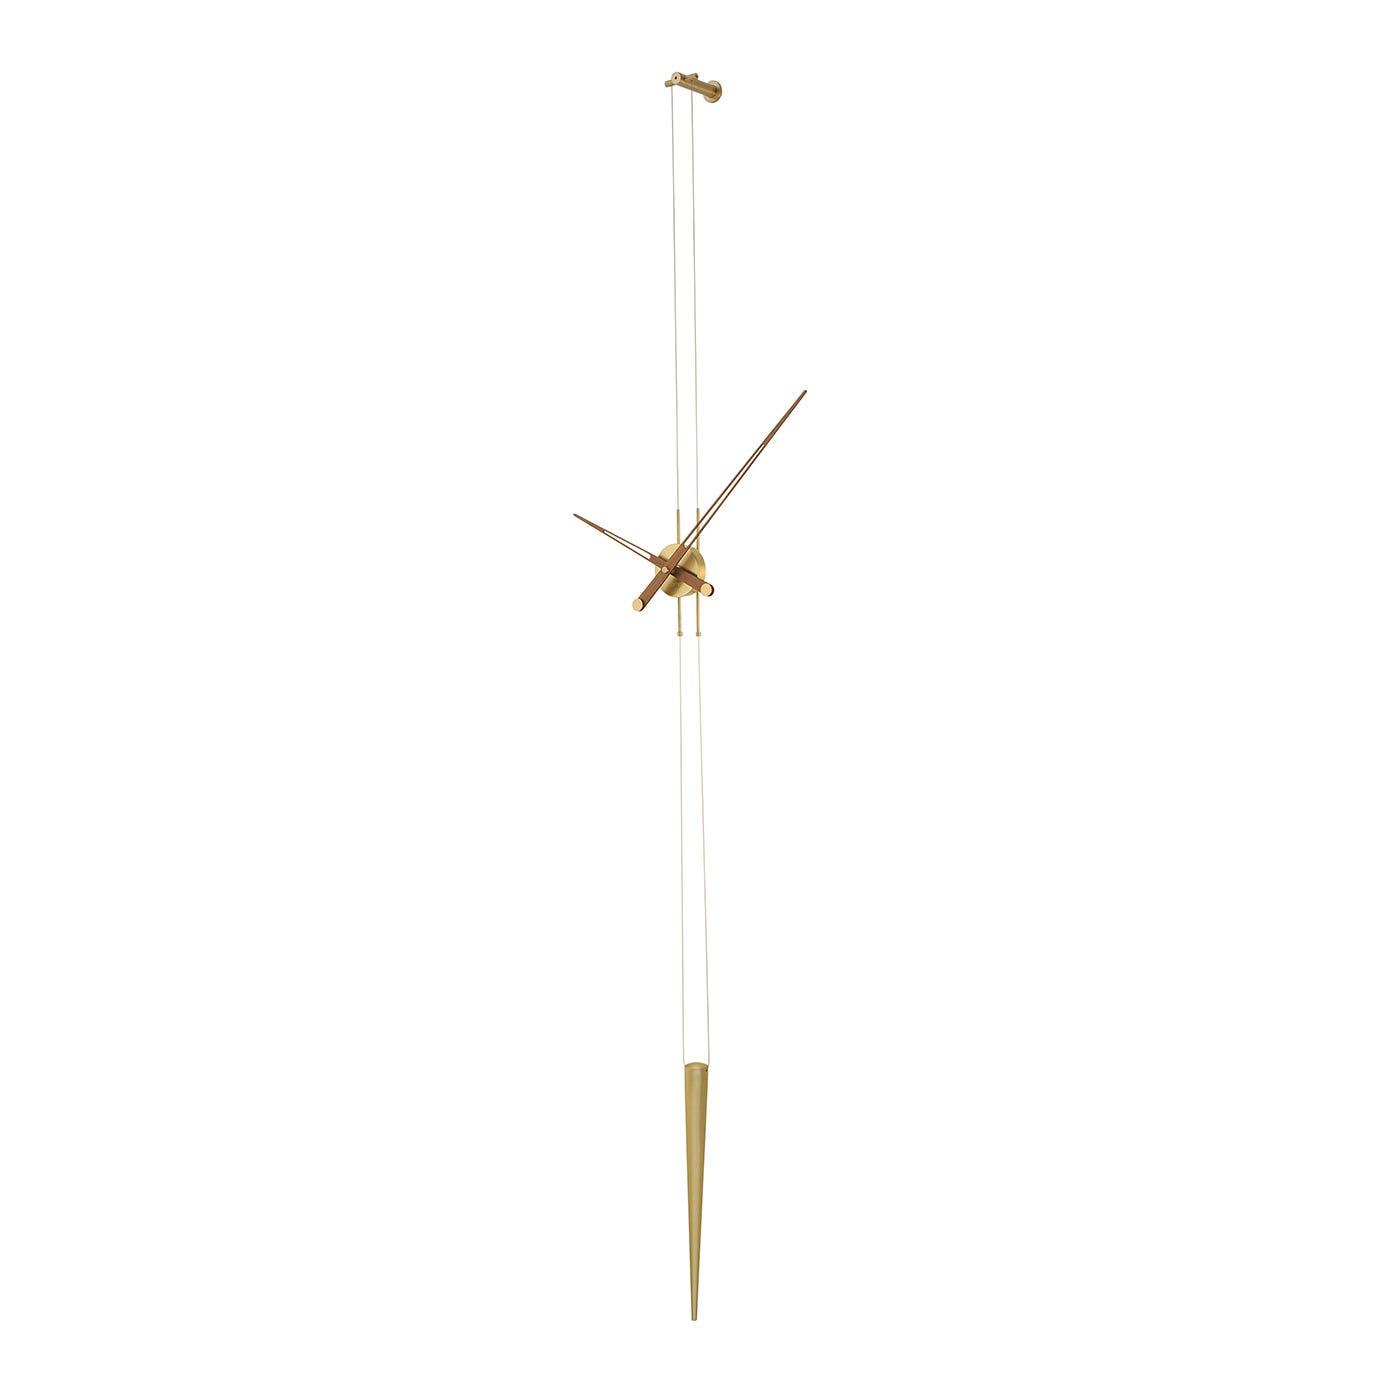 Nomon Pendulum Wall Clock Large Heal S